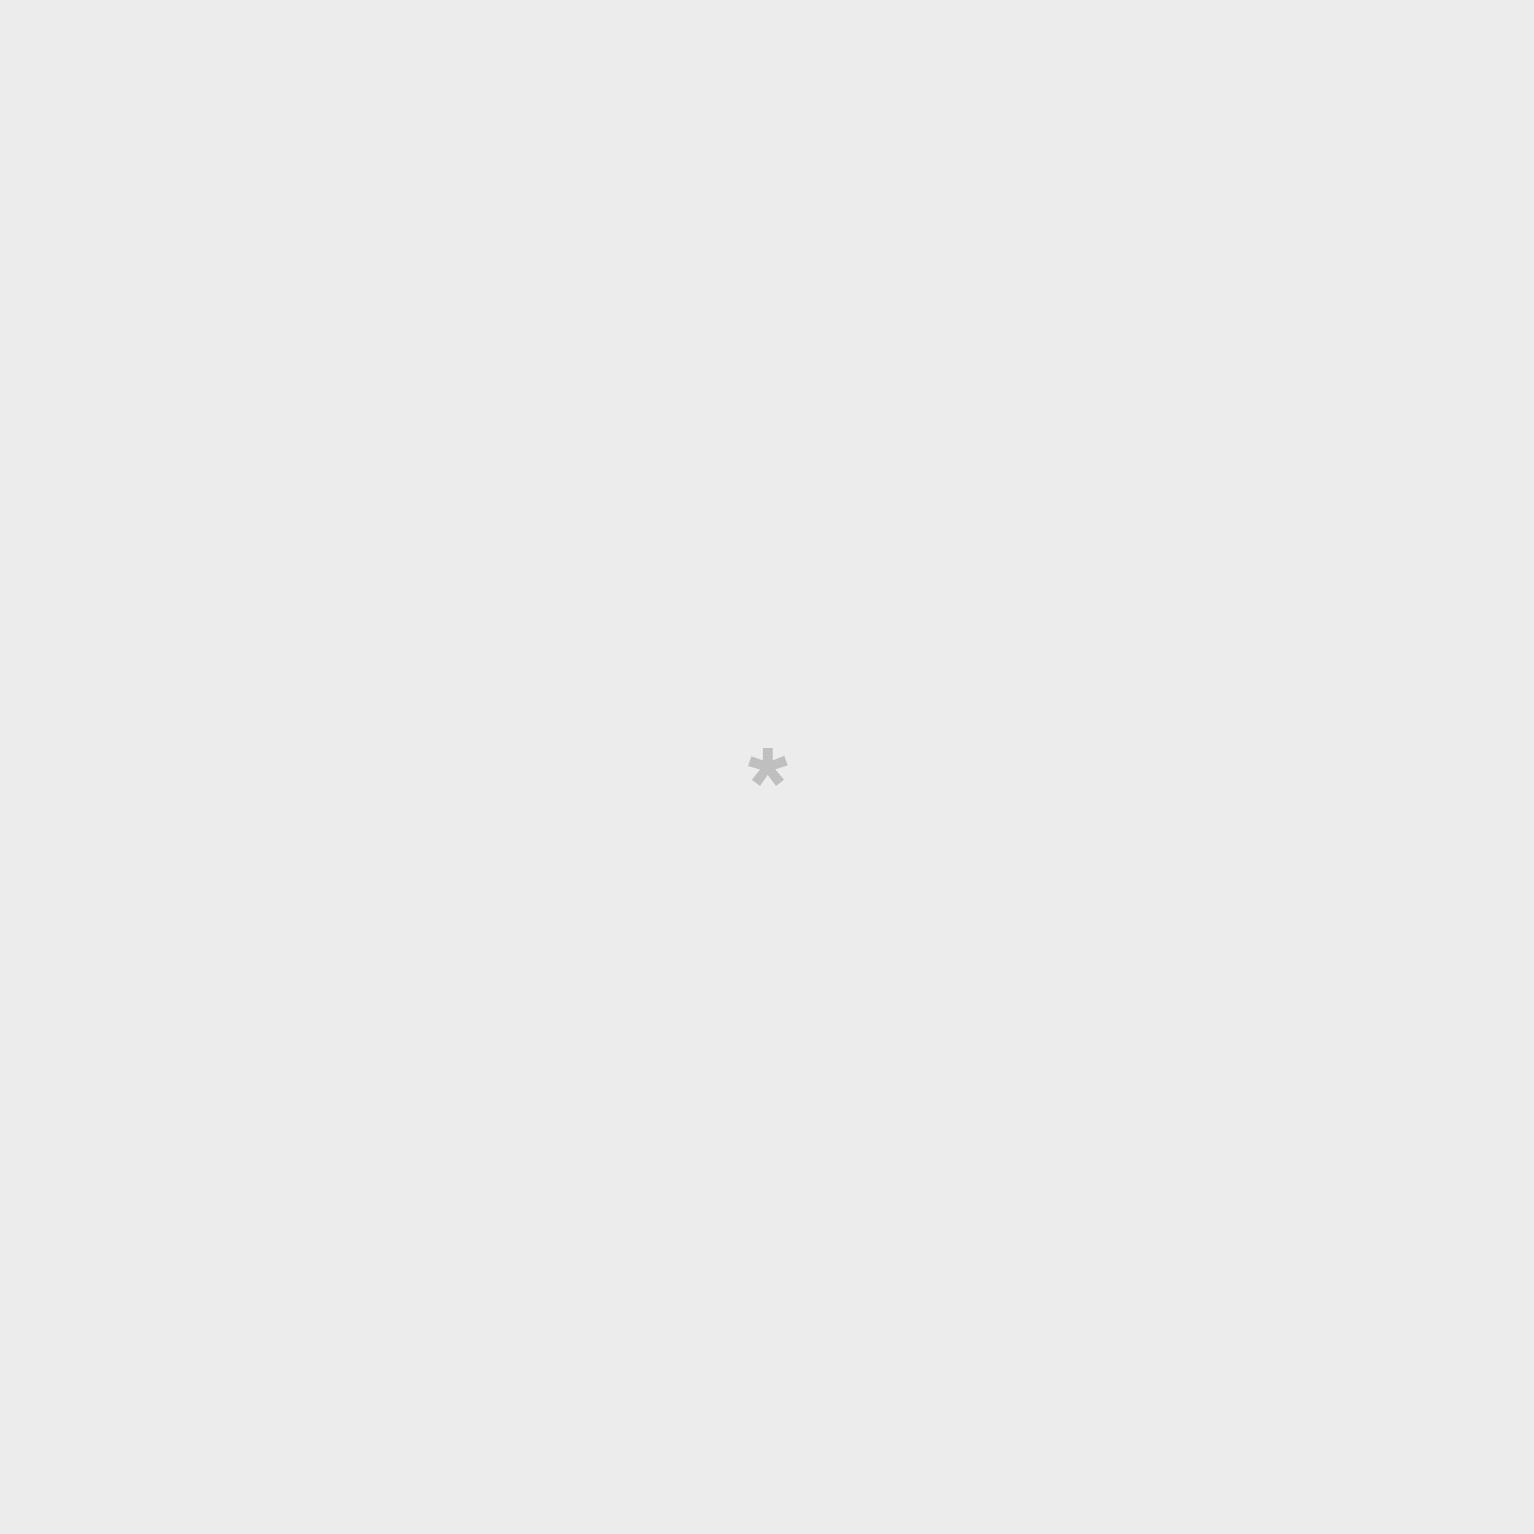 Tassa - D'aquesta tassa beu una marassa